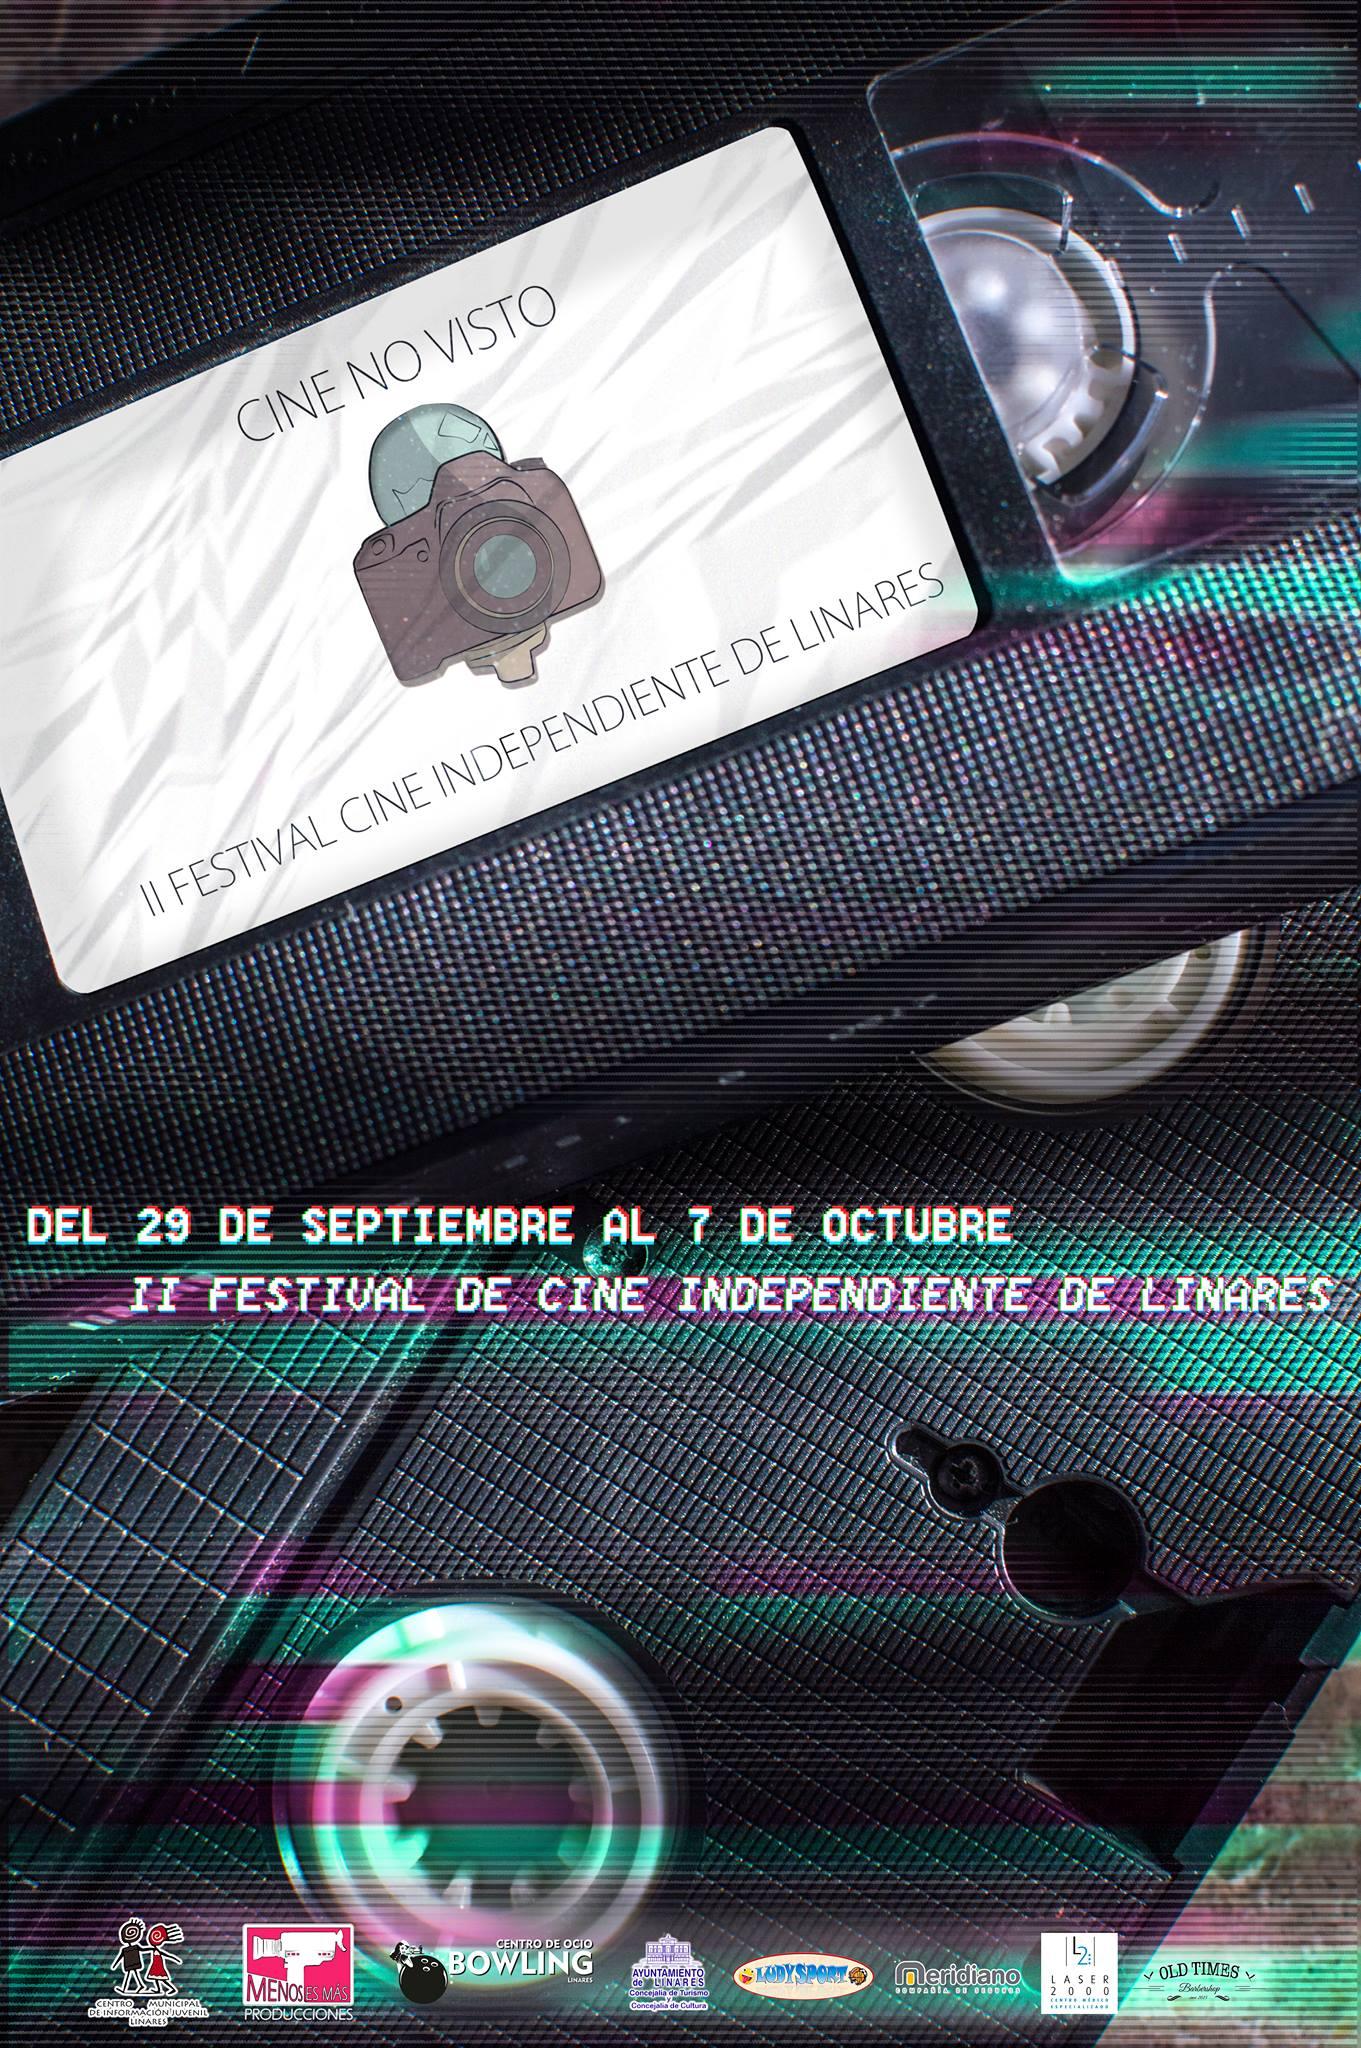 Cartel de la segunda edición del Festival de Cine No Visto.